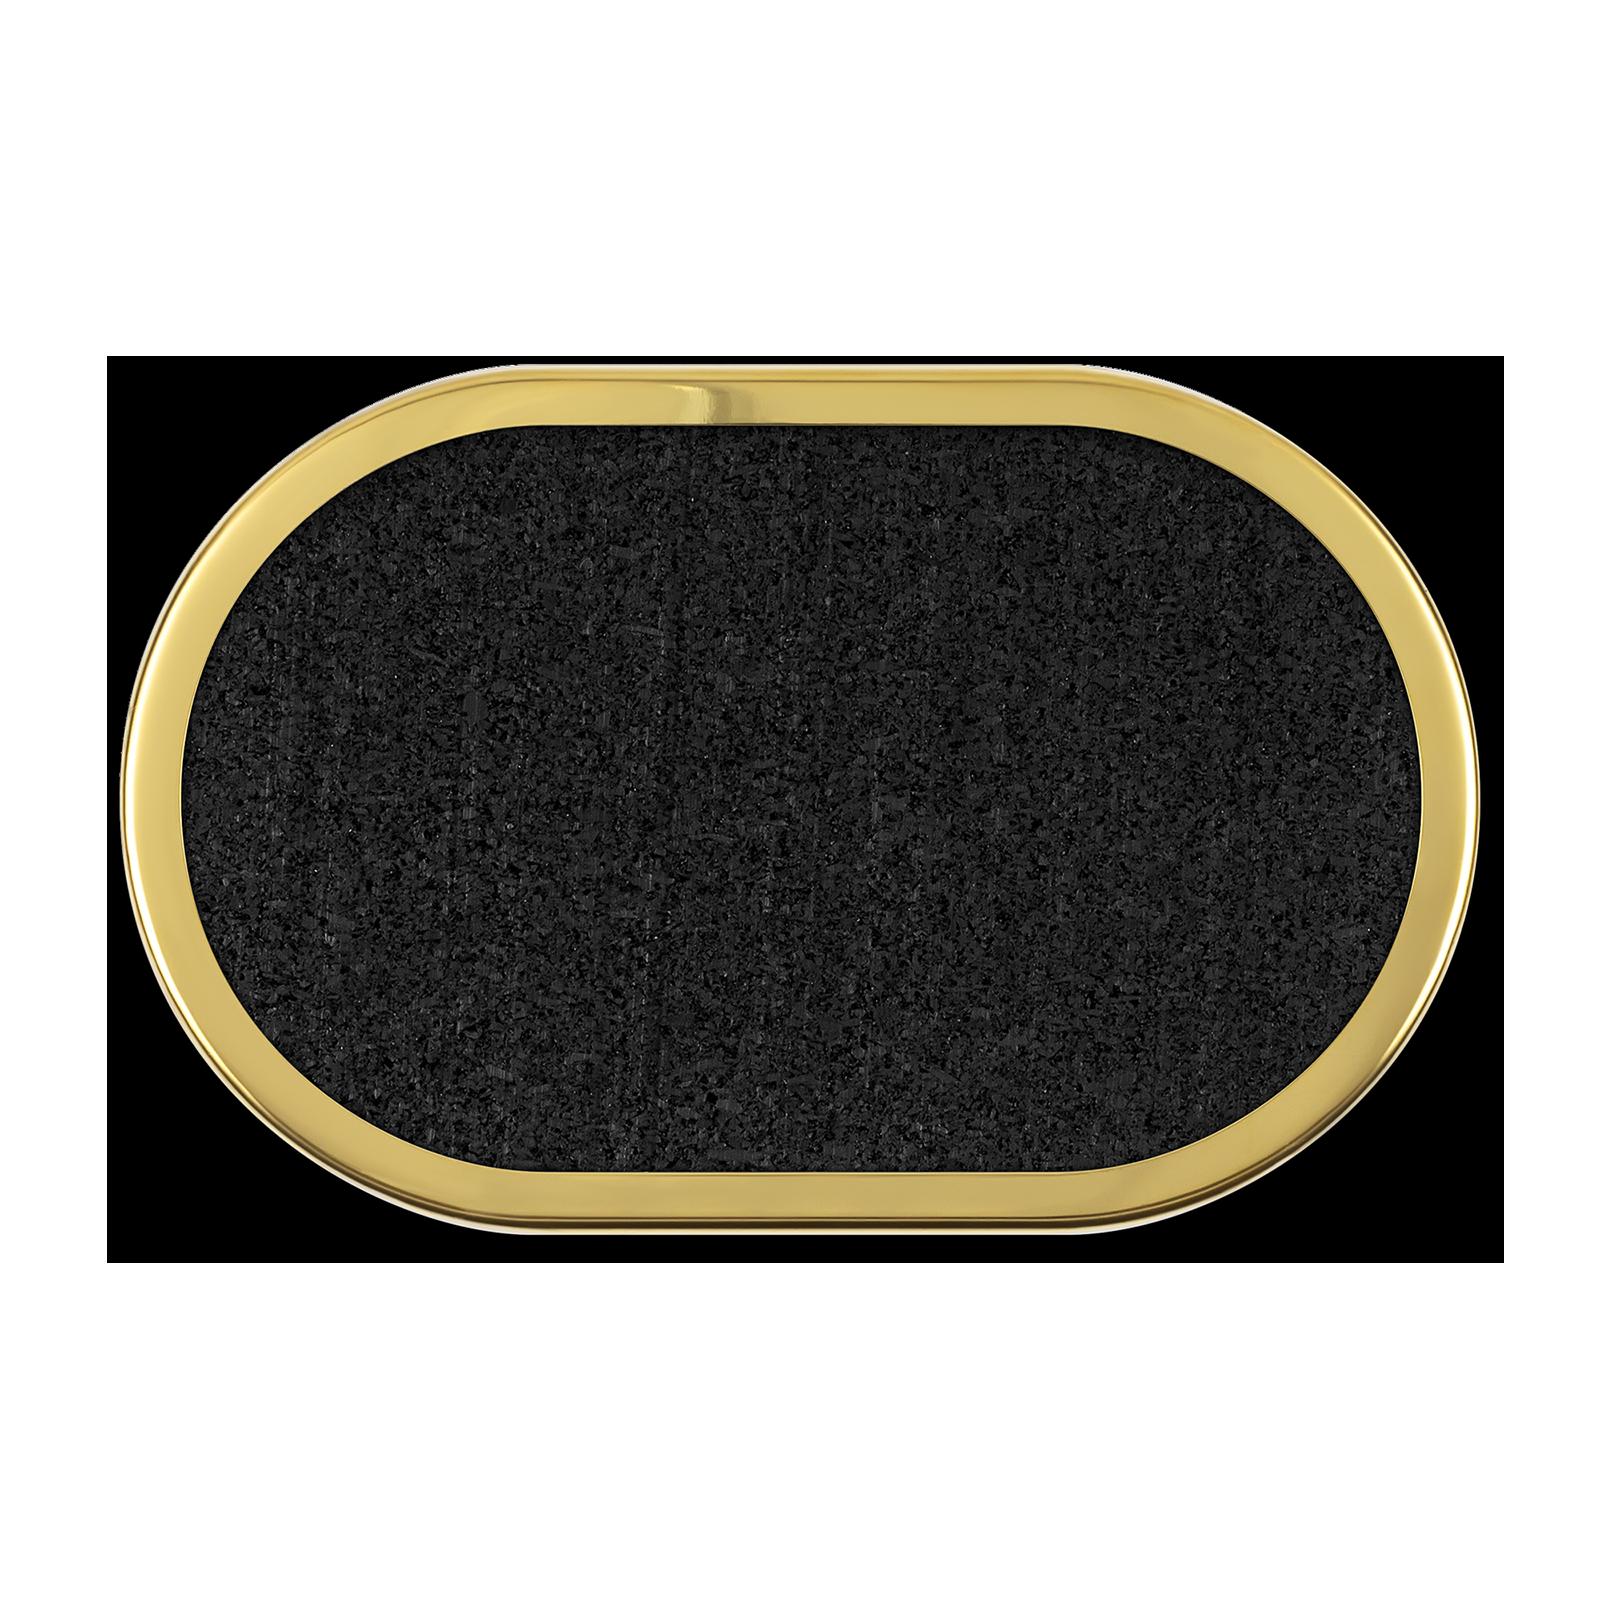 Coaster product image